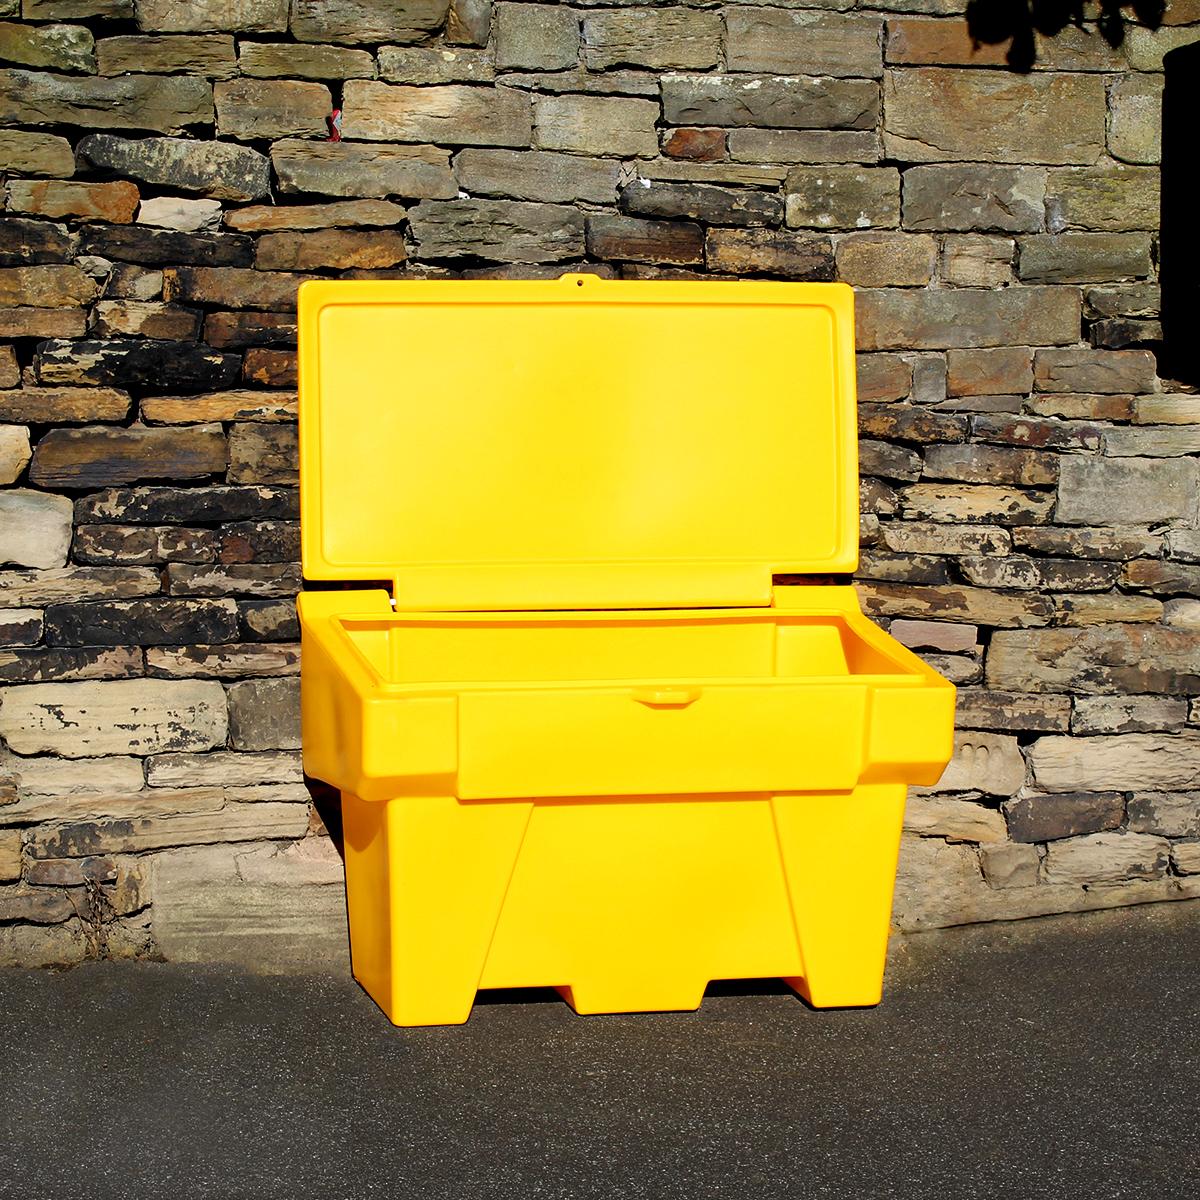 yellow-grit-bin-open